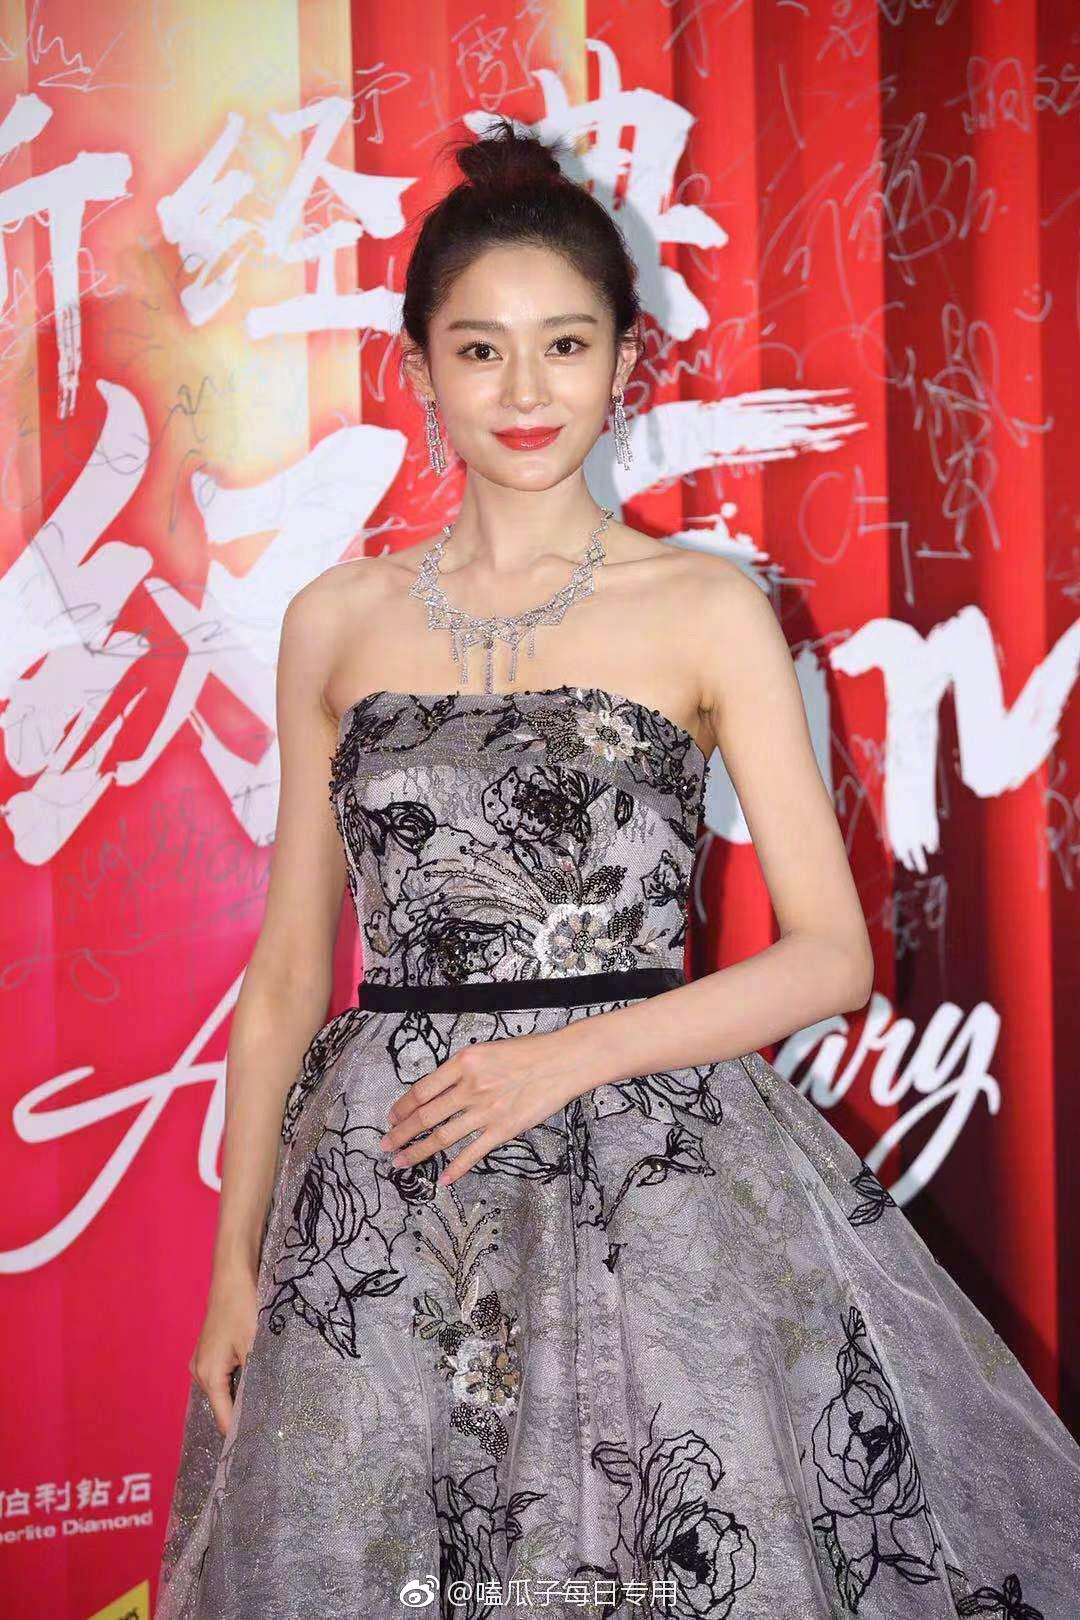 Thảm đỏ Bazaar: Đổng Khiết - Tần Lam cạnh tranh nhan sắc gay gắt bên dàn phi tần Diên Hi - Như Ý Truyện - Ảnh 6.